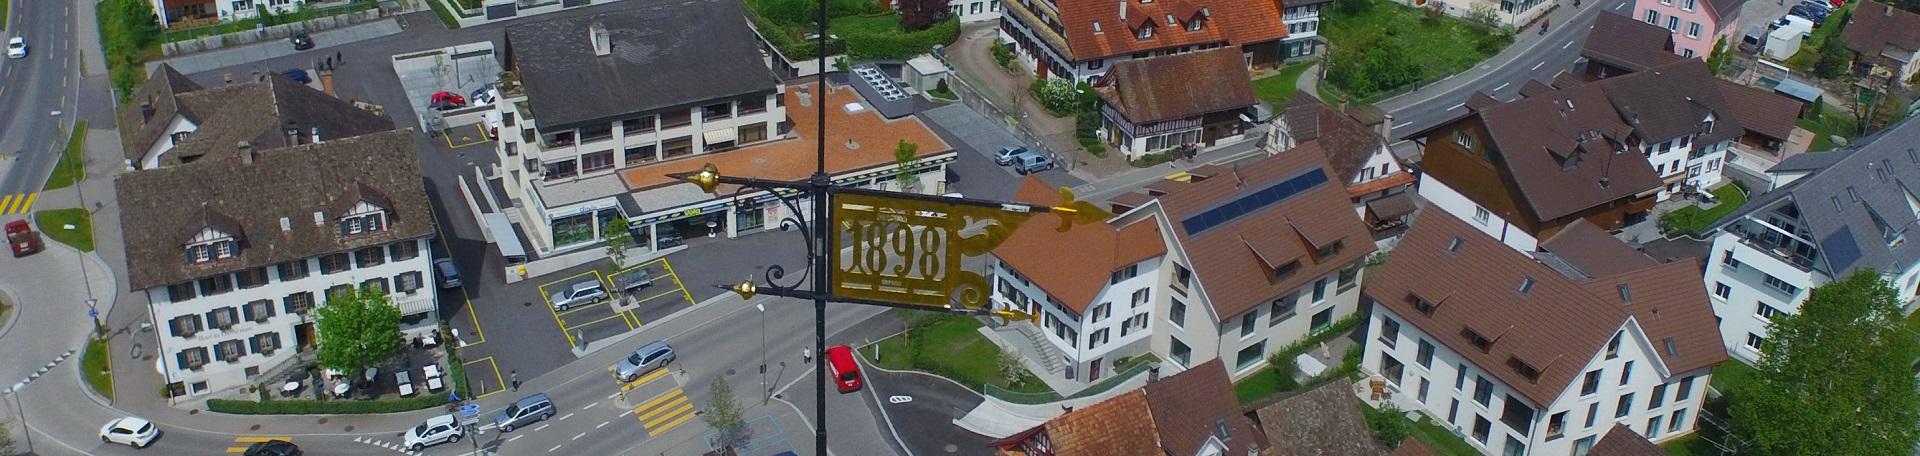 Luftaufnahme Dorfzentrum vom Kirchenturm aus